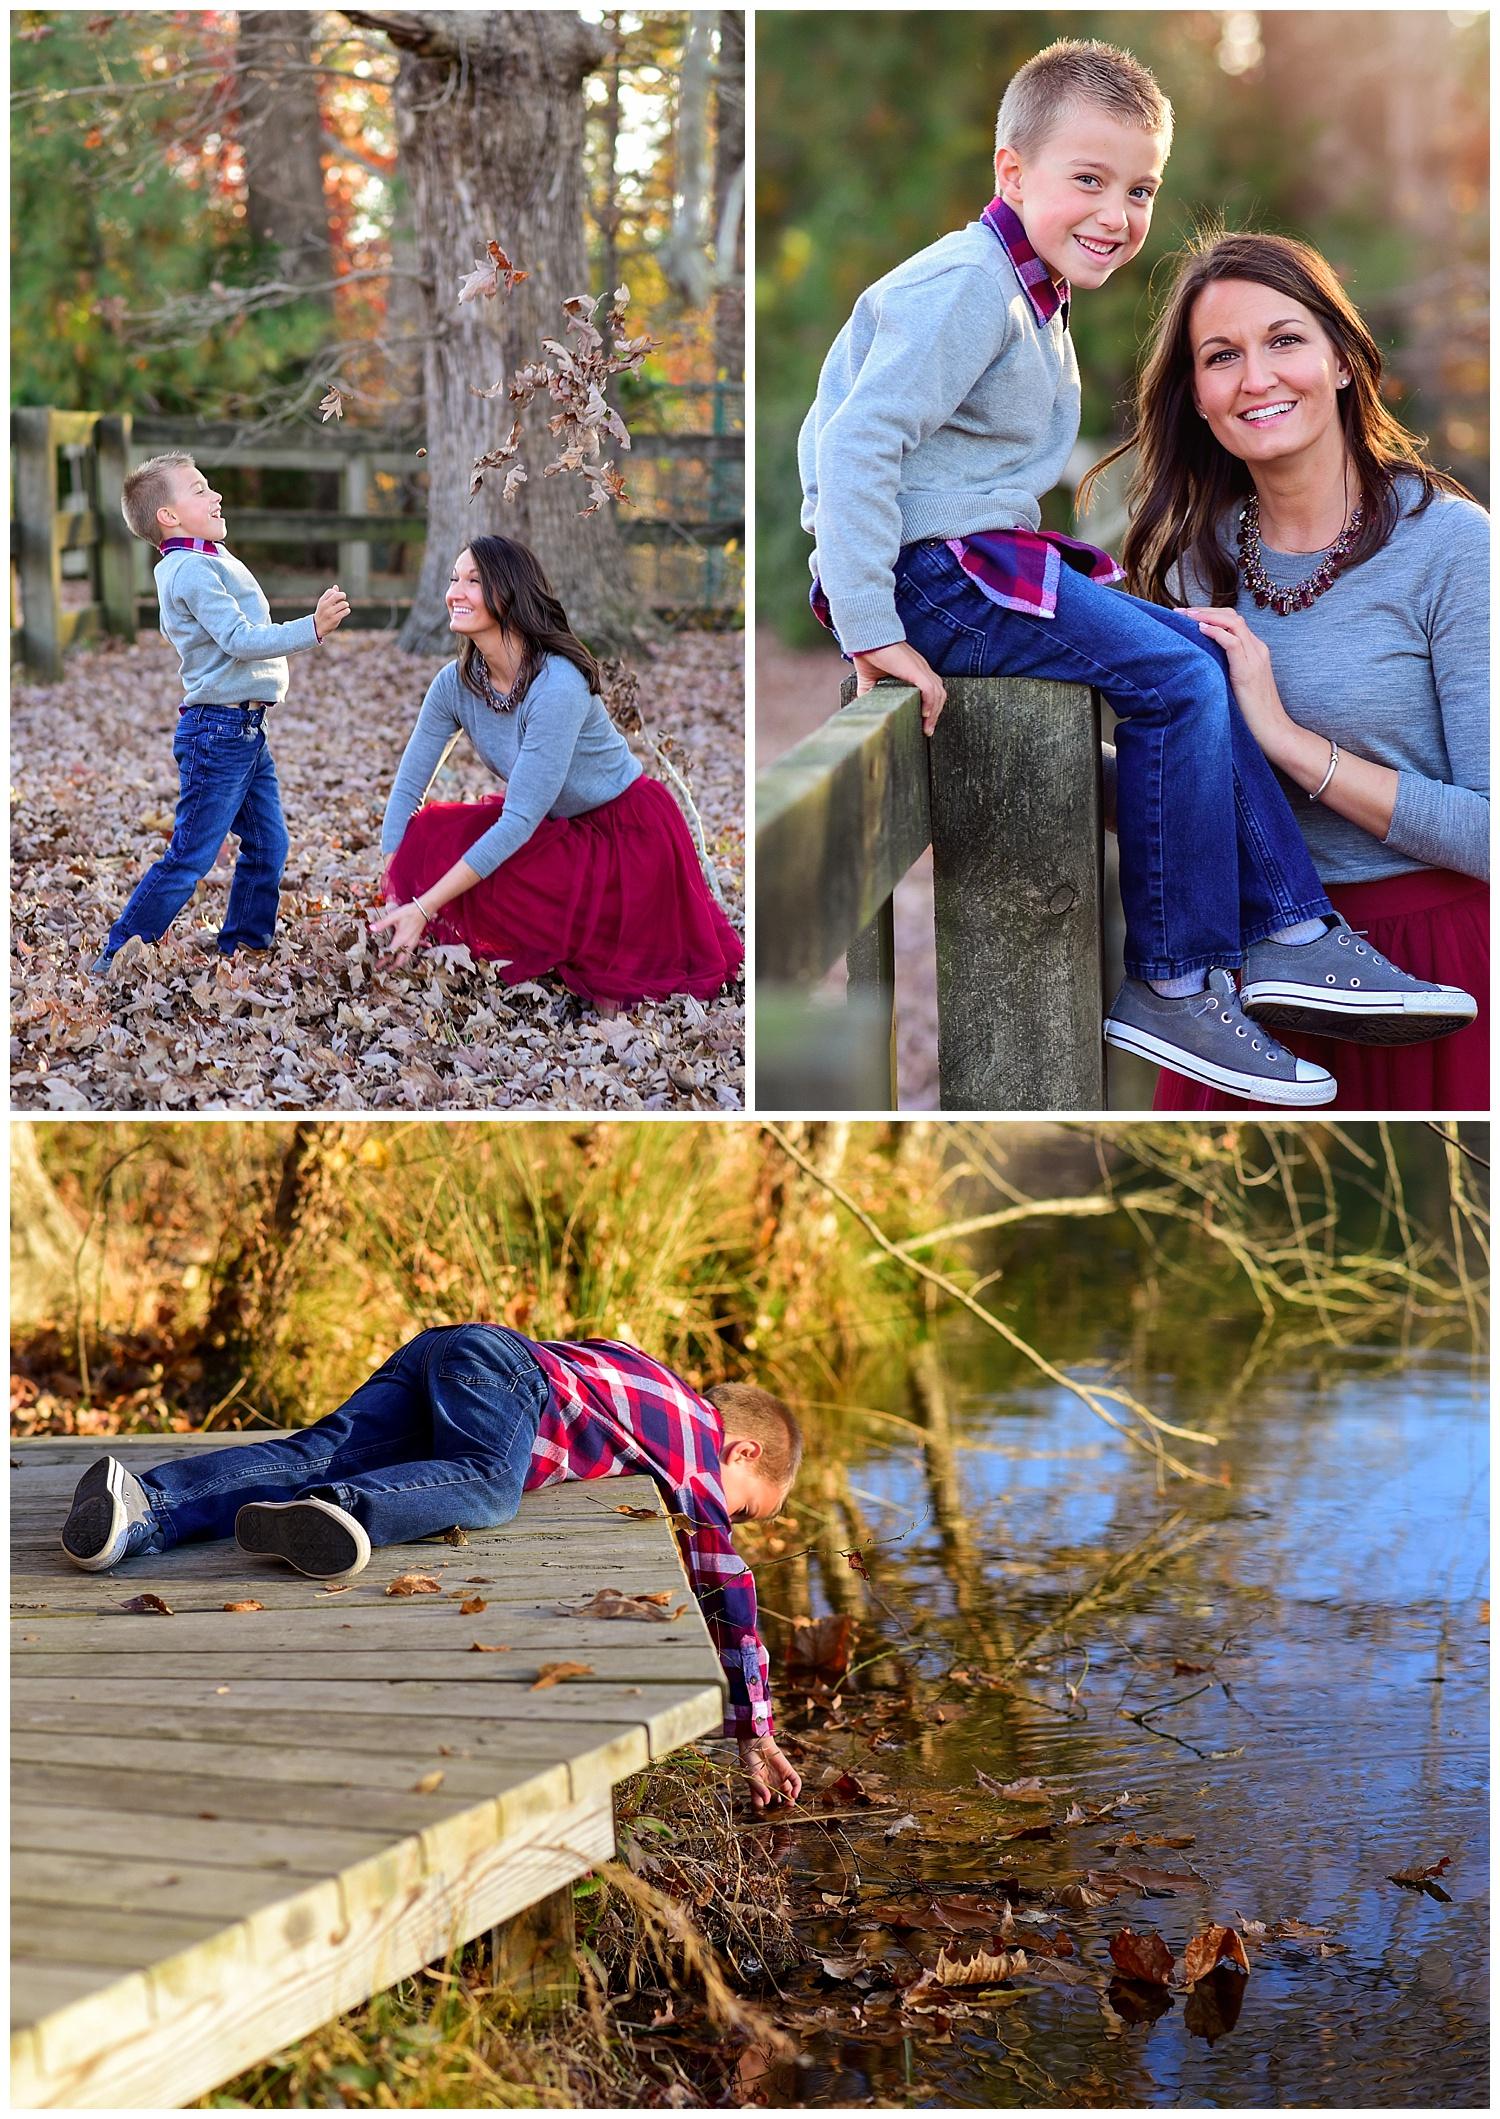 Yates mill park family photos